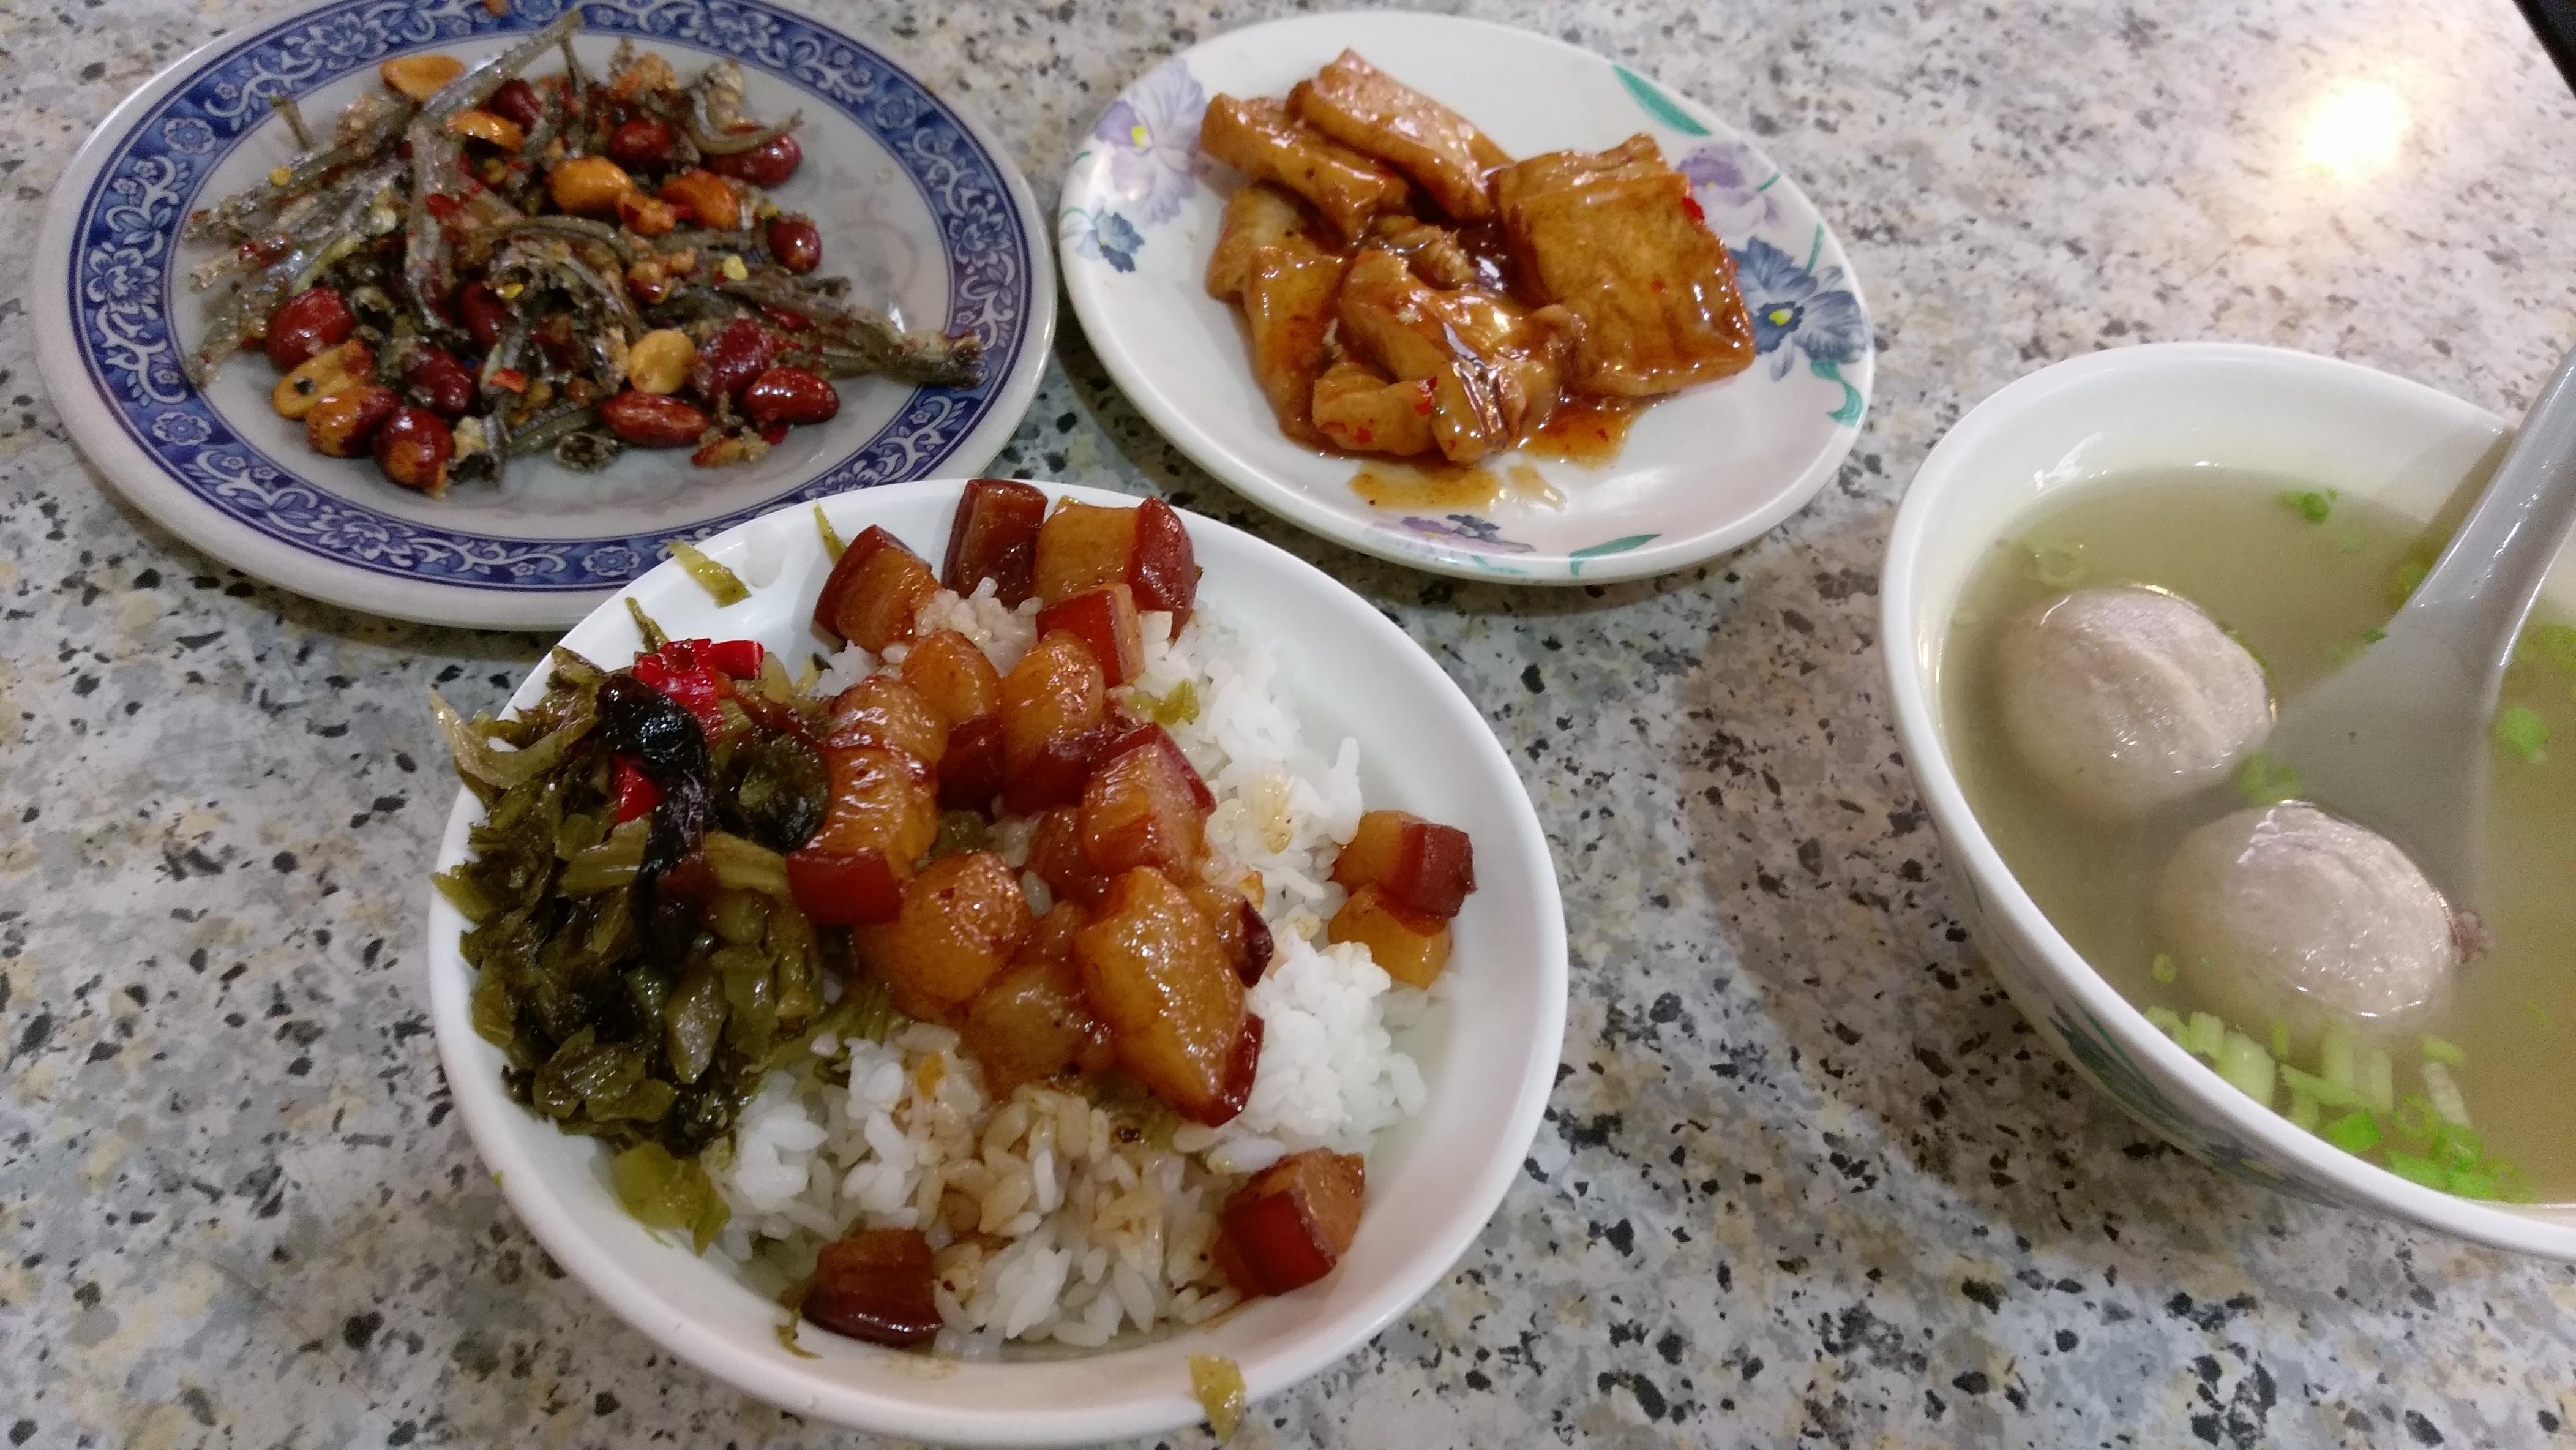 雙連捷運站 香滿園魯肉飯